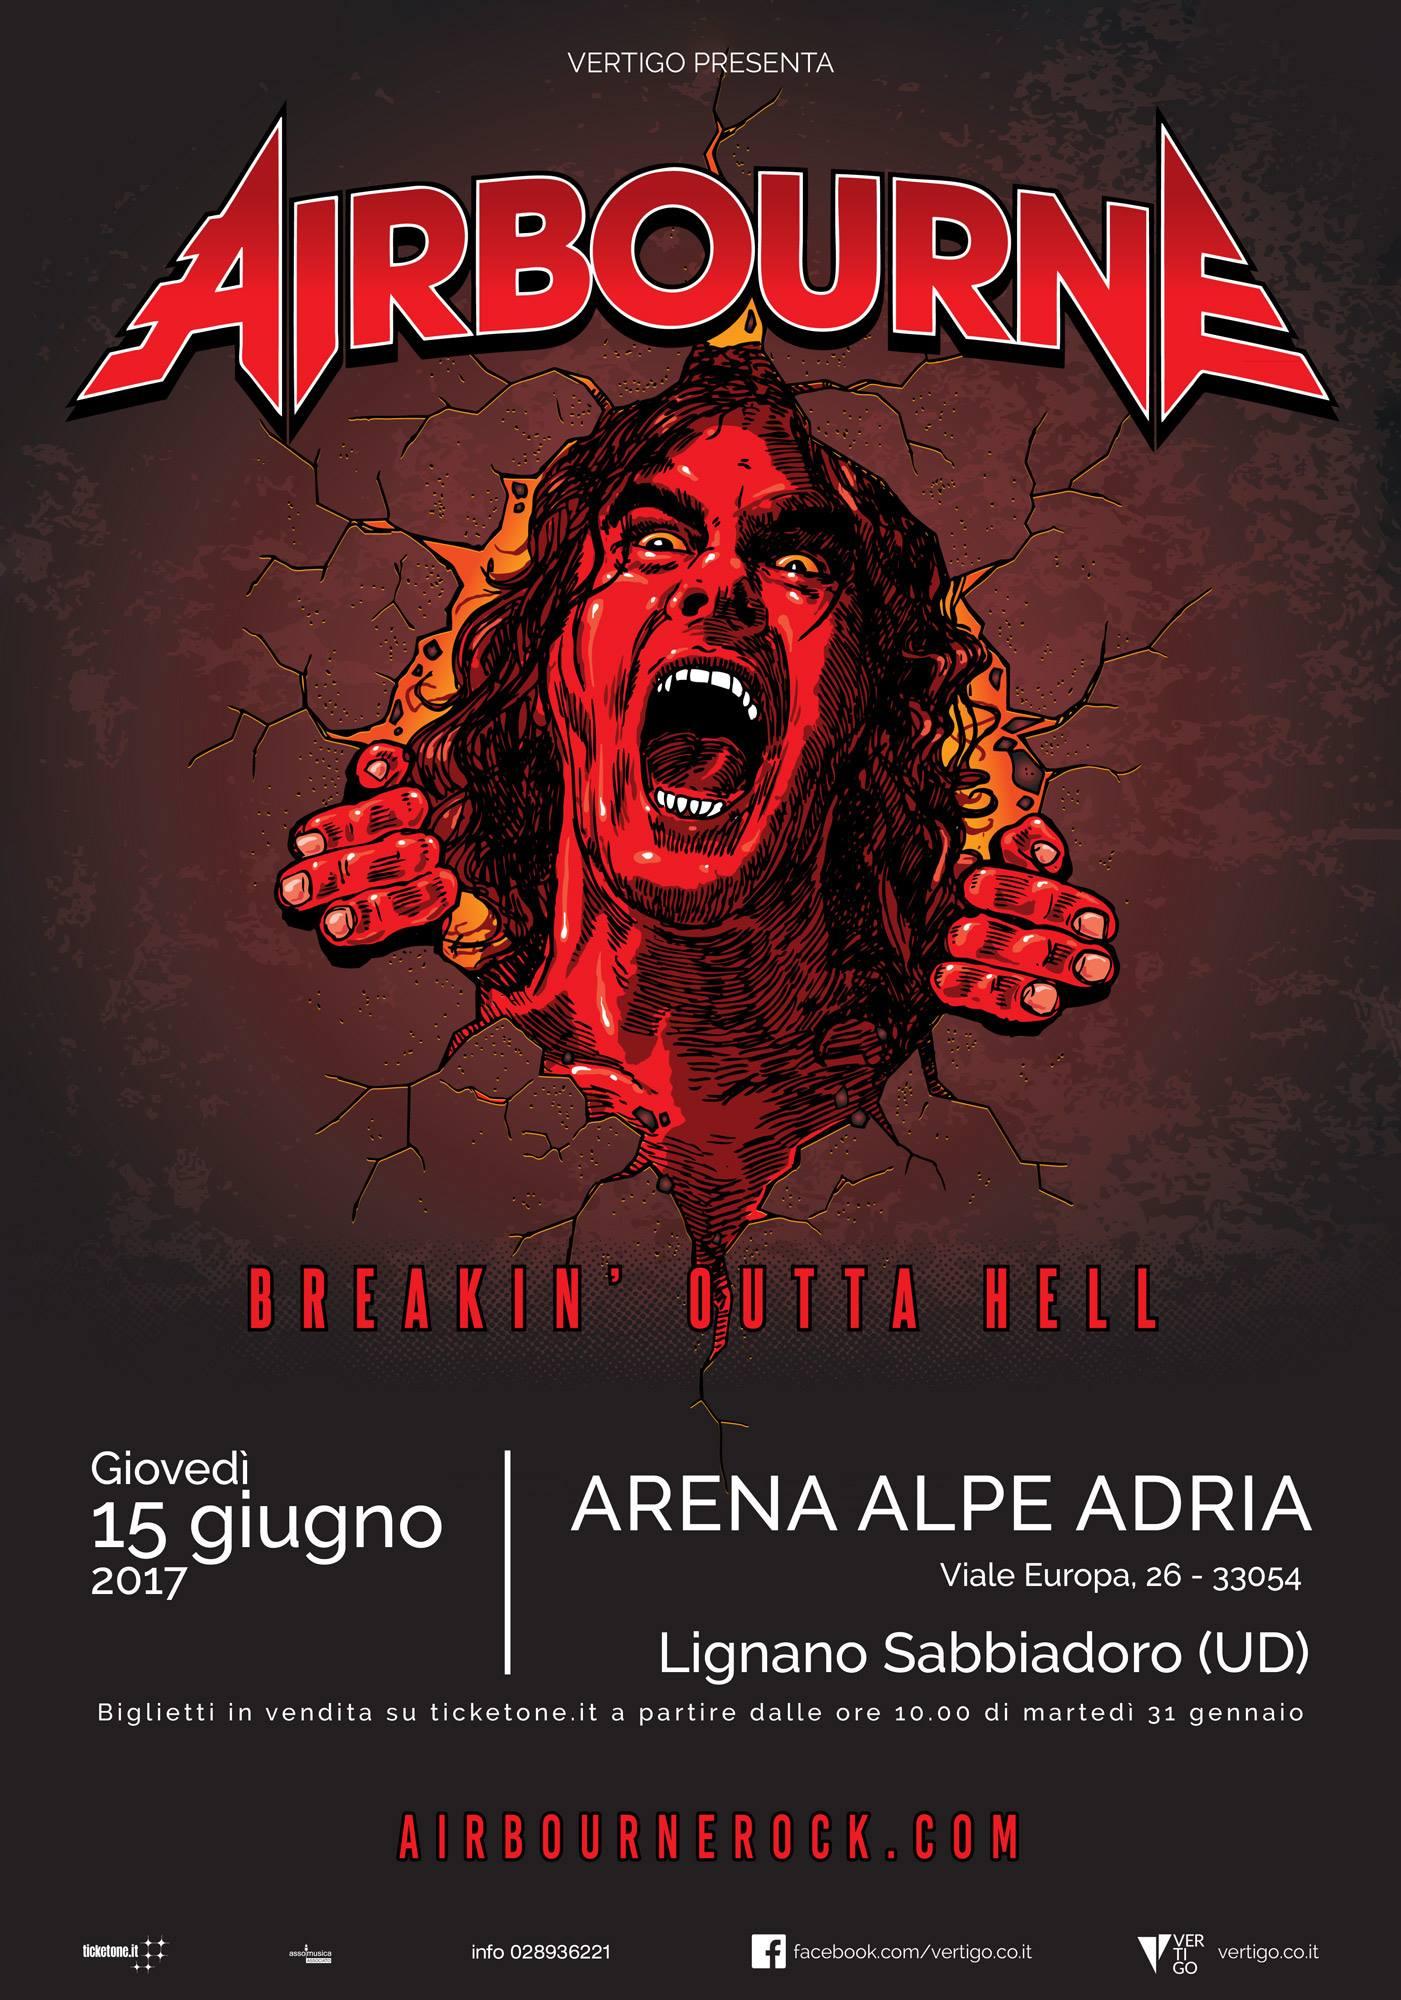 Airbourne Udine